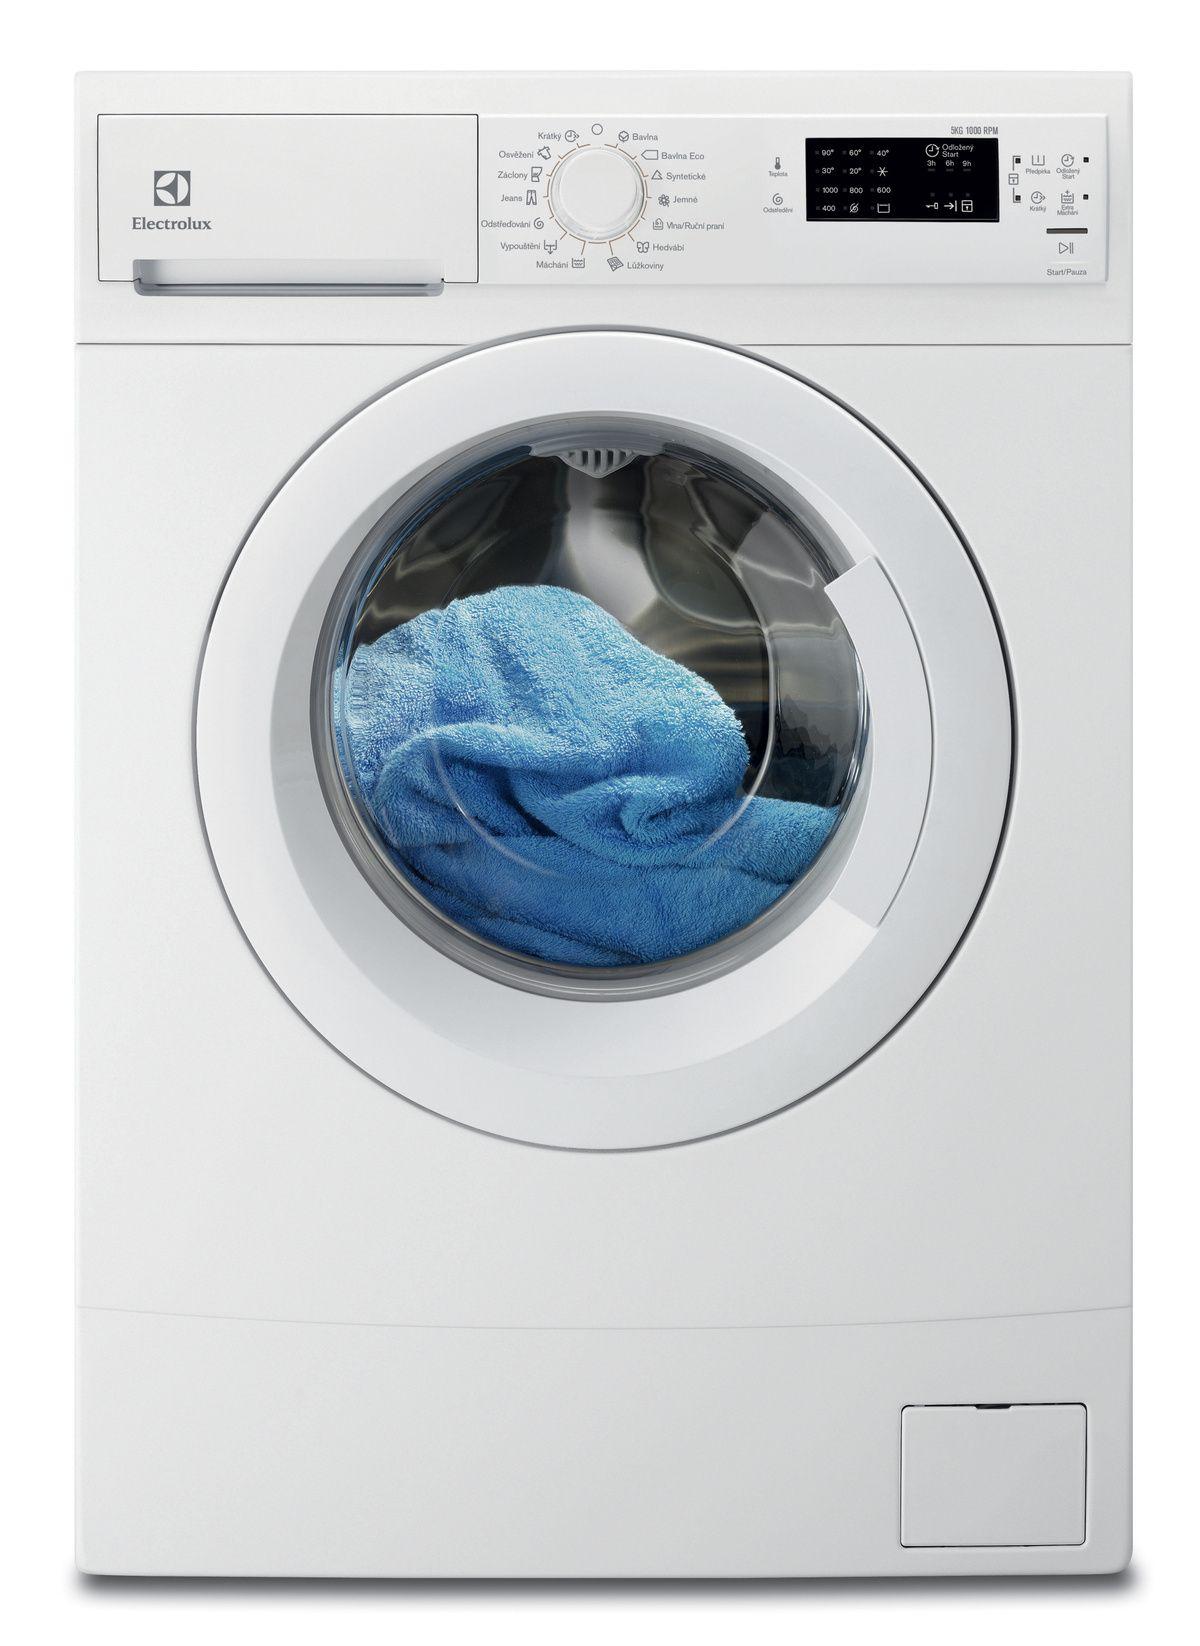 Ремонт стиральных машин electrolux киев обслуживание стиральных машин bosch Улица Сергия Радонежского